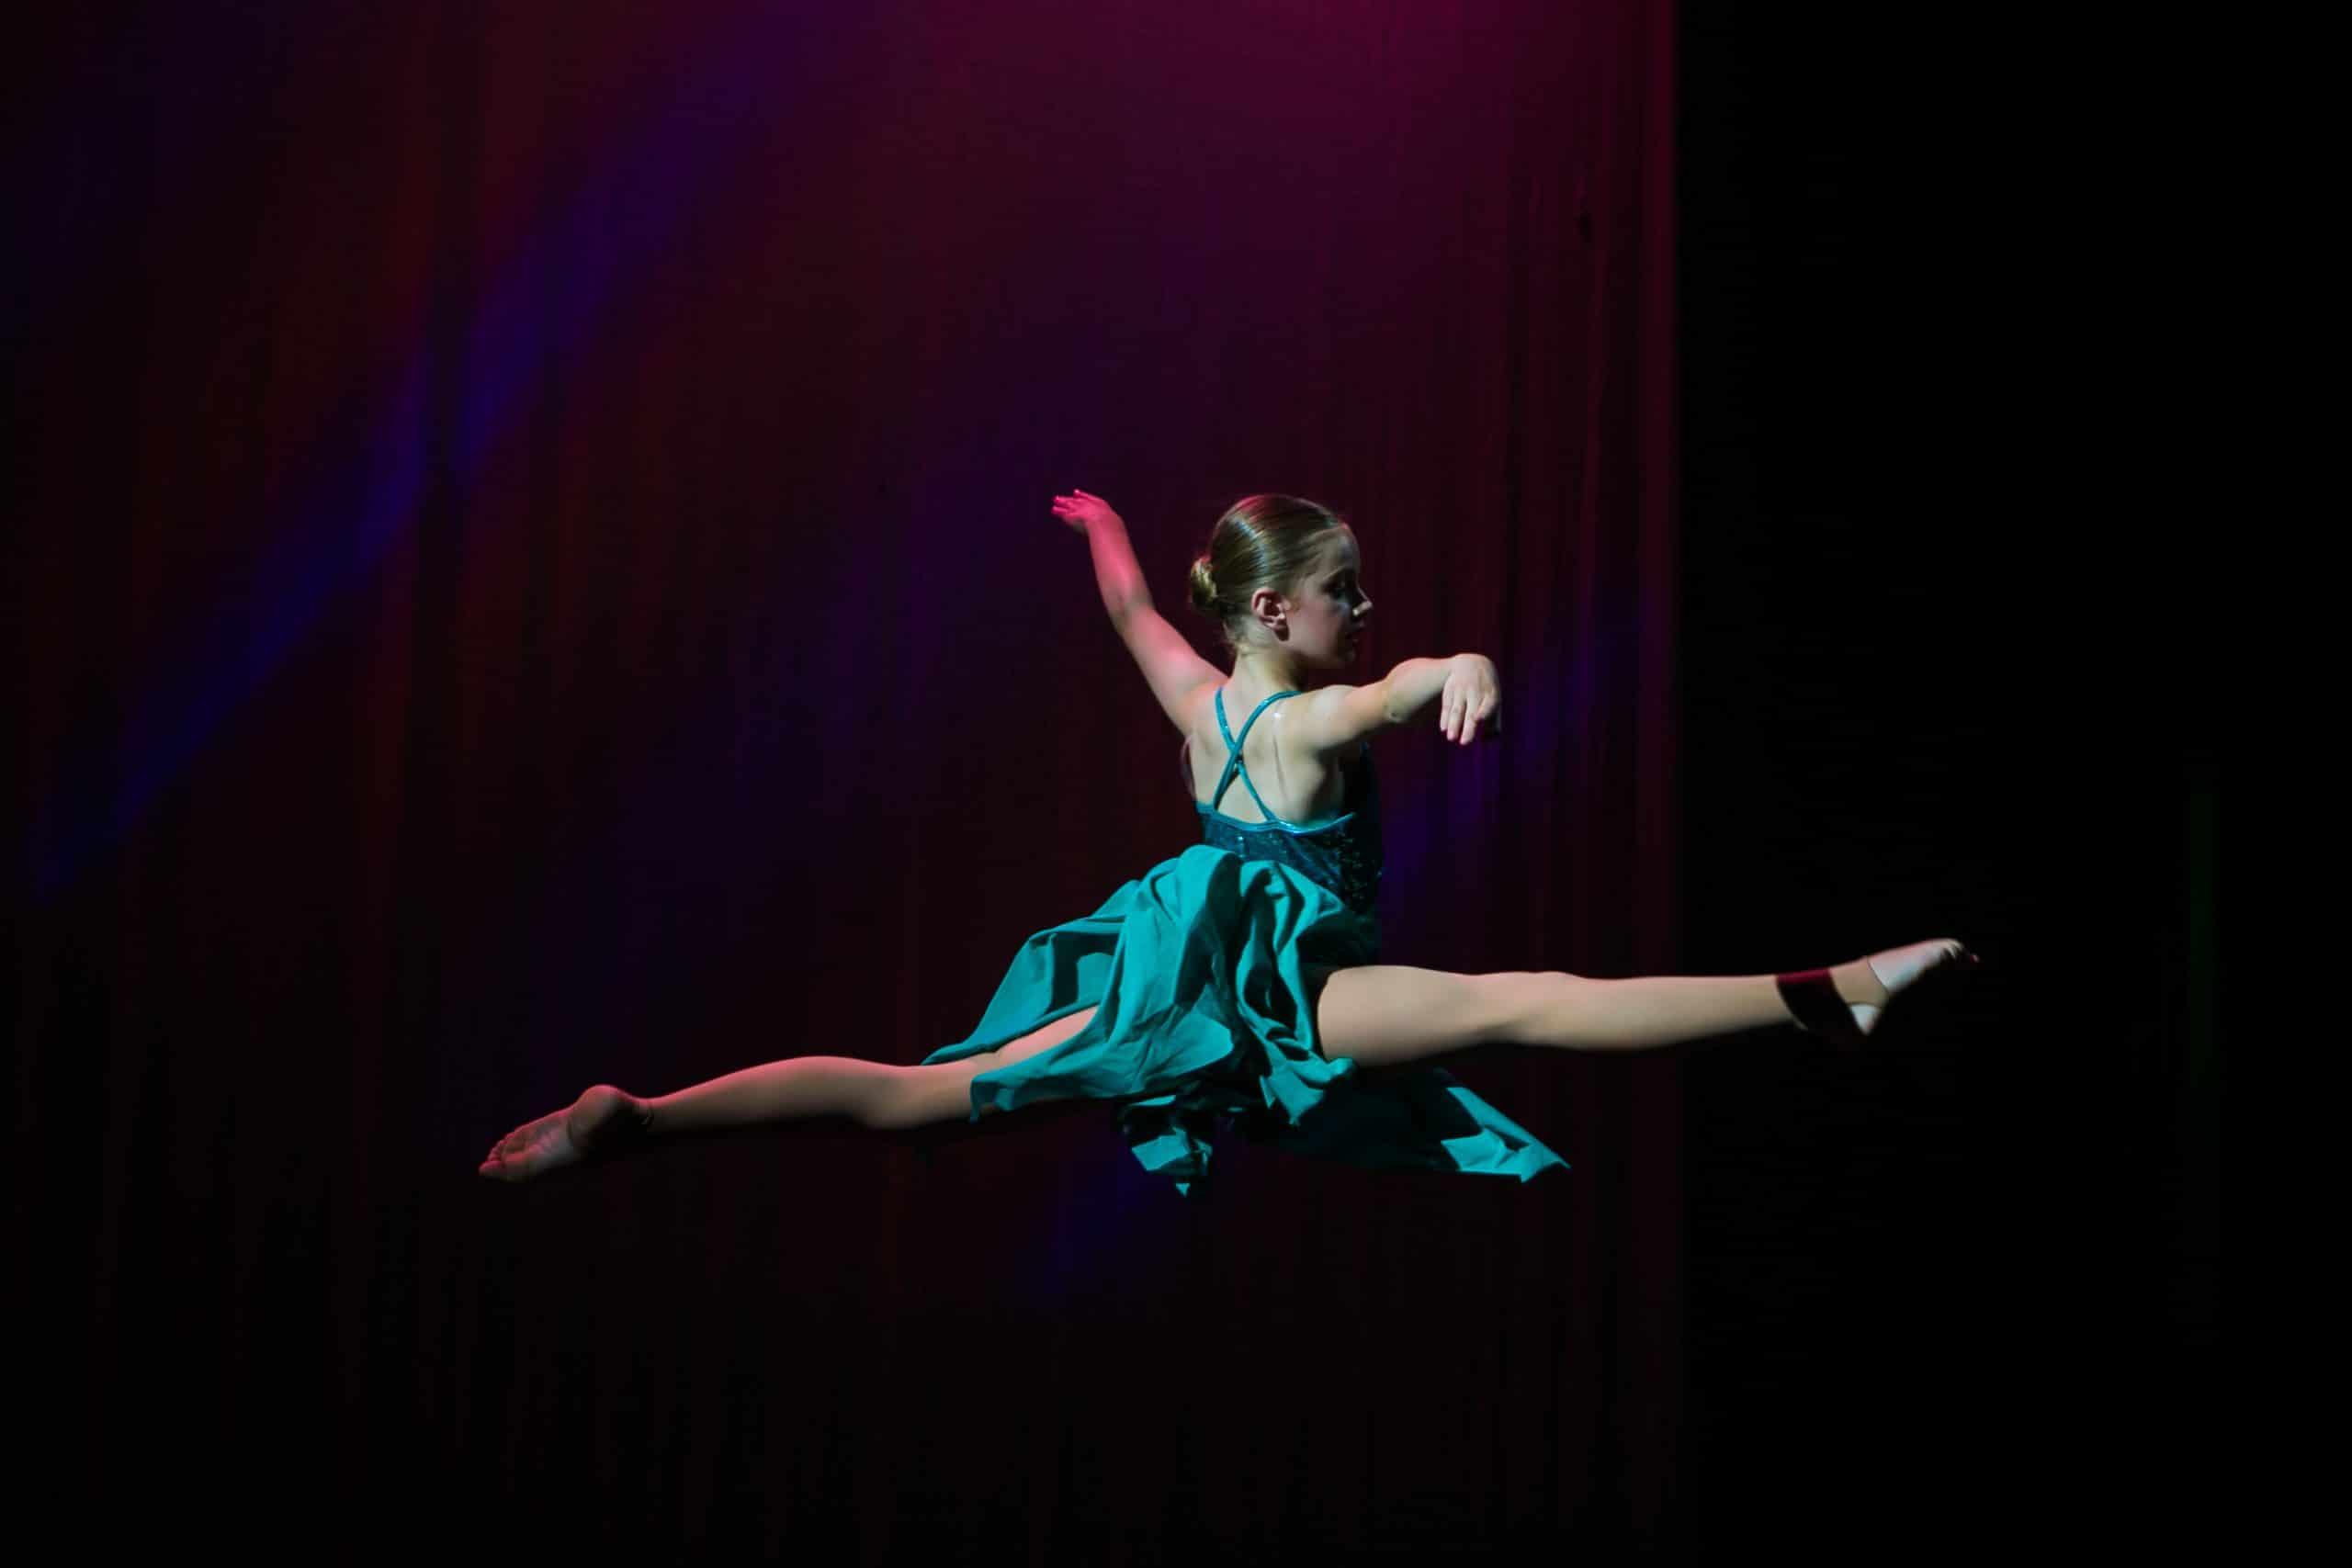 Progressing Ballet Technique dancers in Woking Surrey